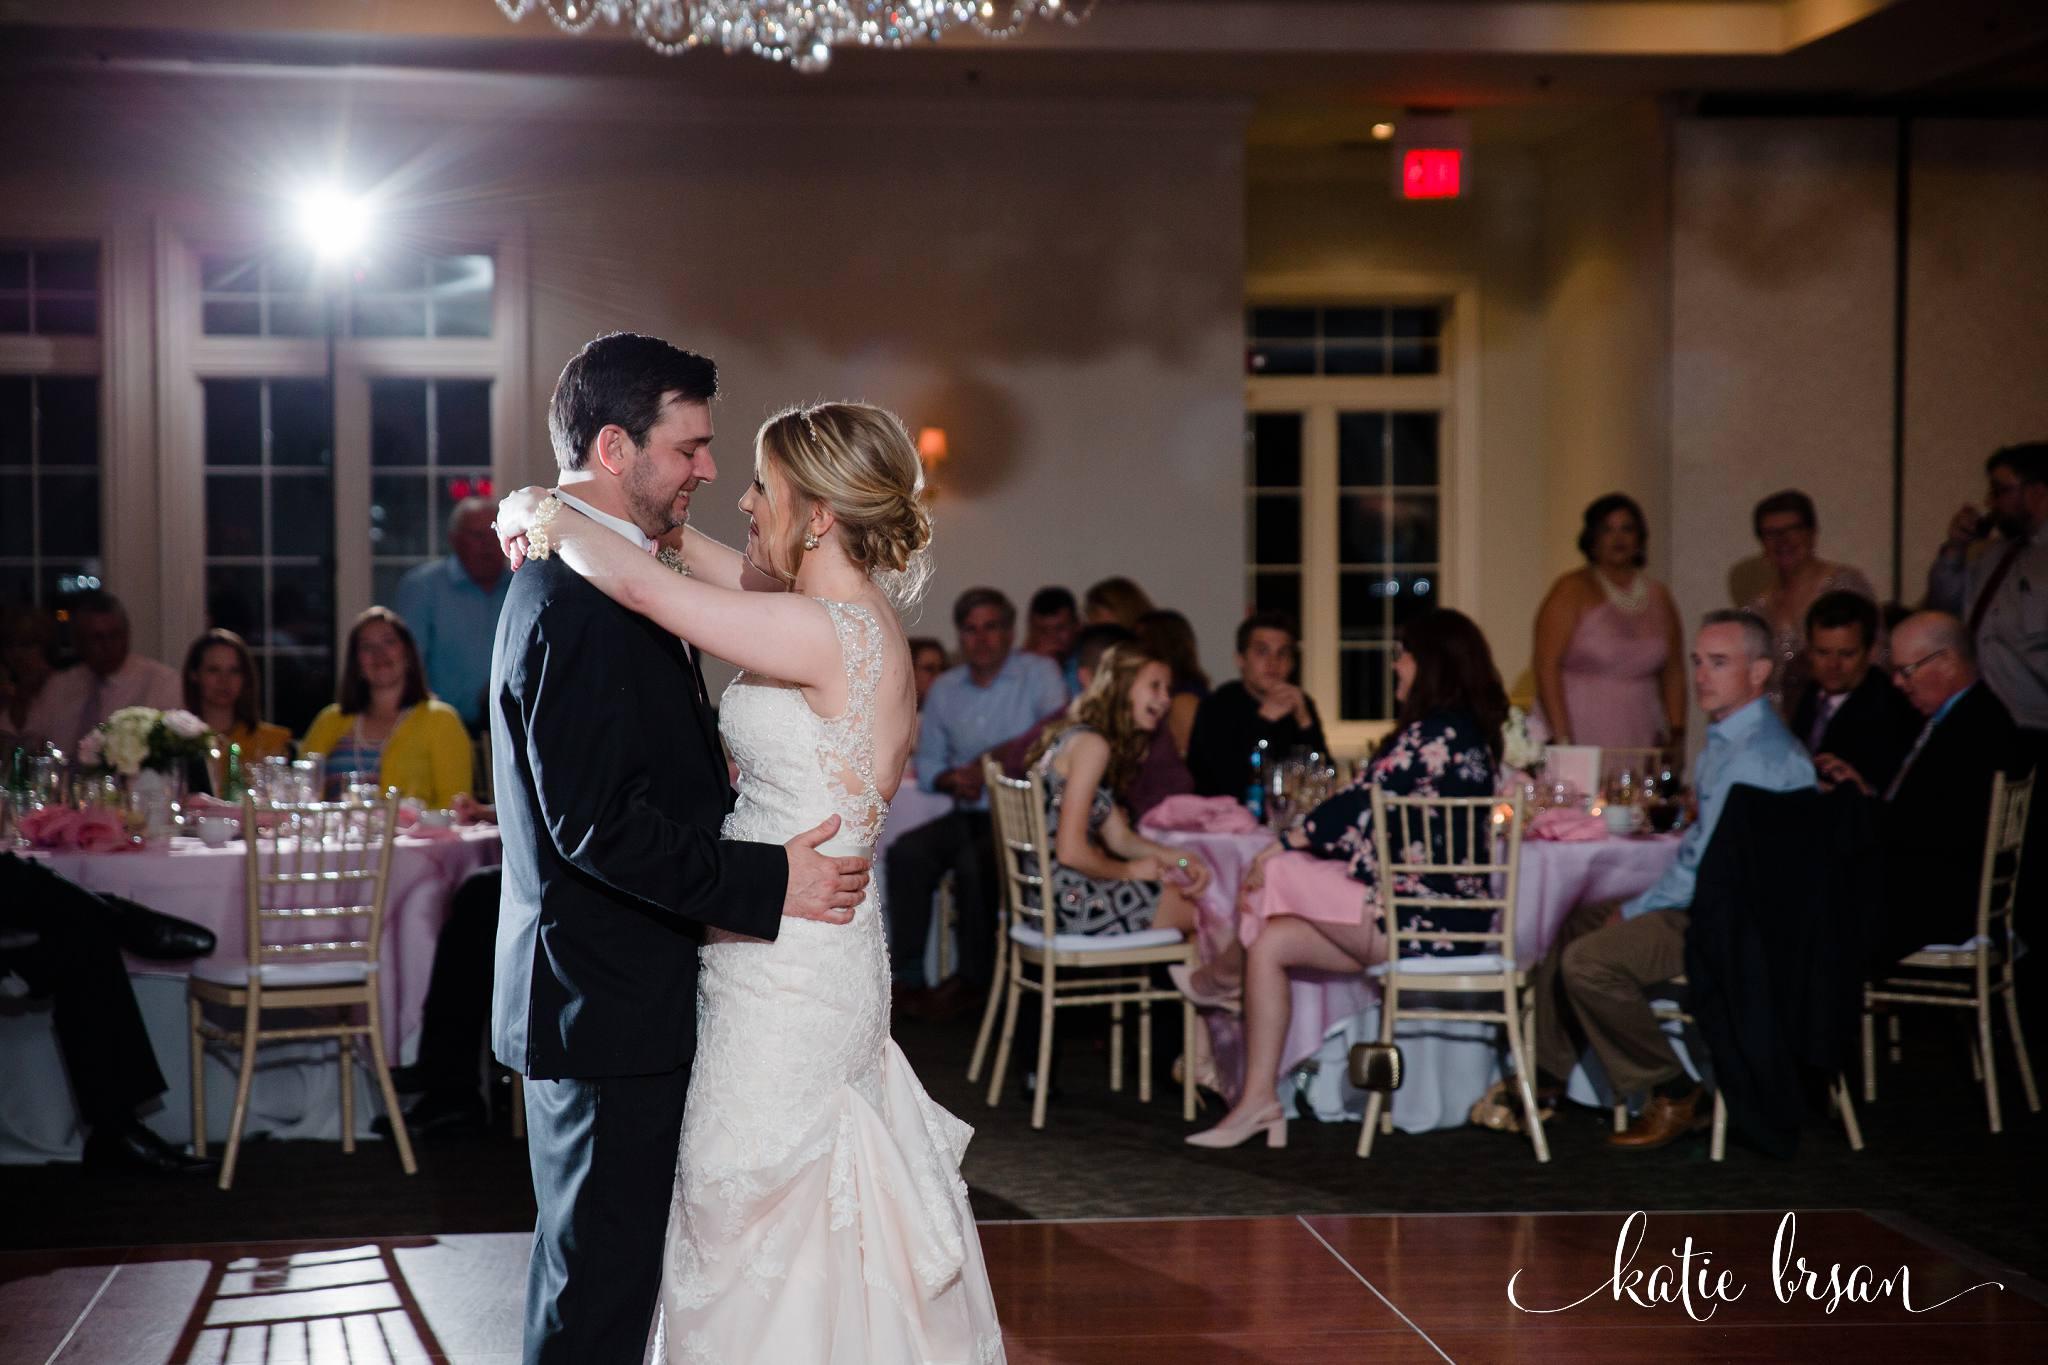 Mokena_Lemont_Wedding_Ruffled_Feathers_Wedding_1434.jpg